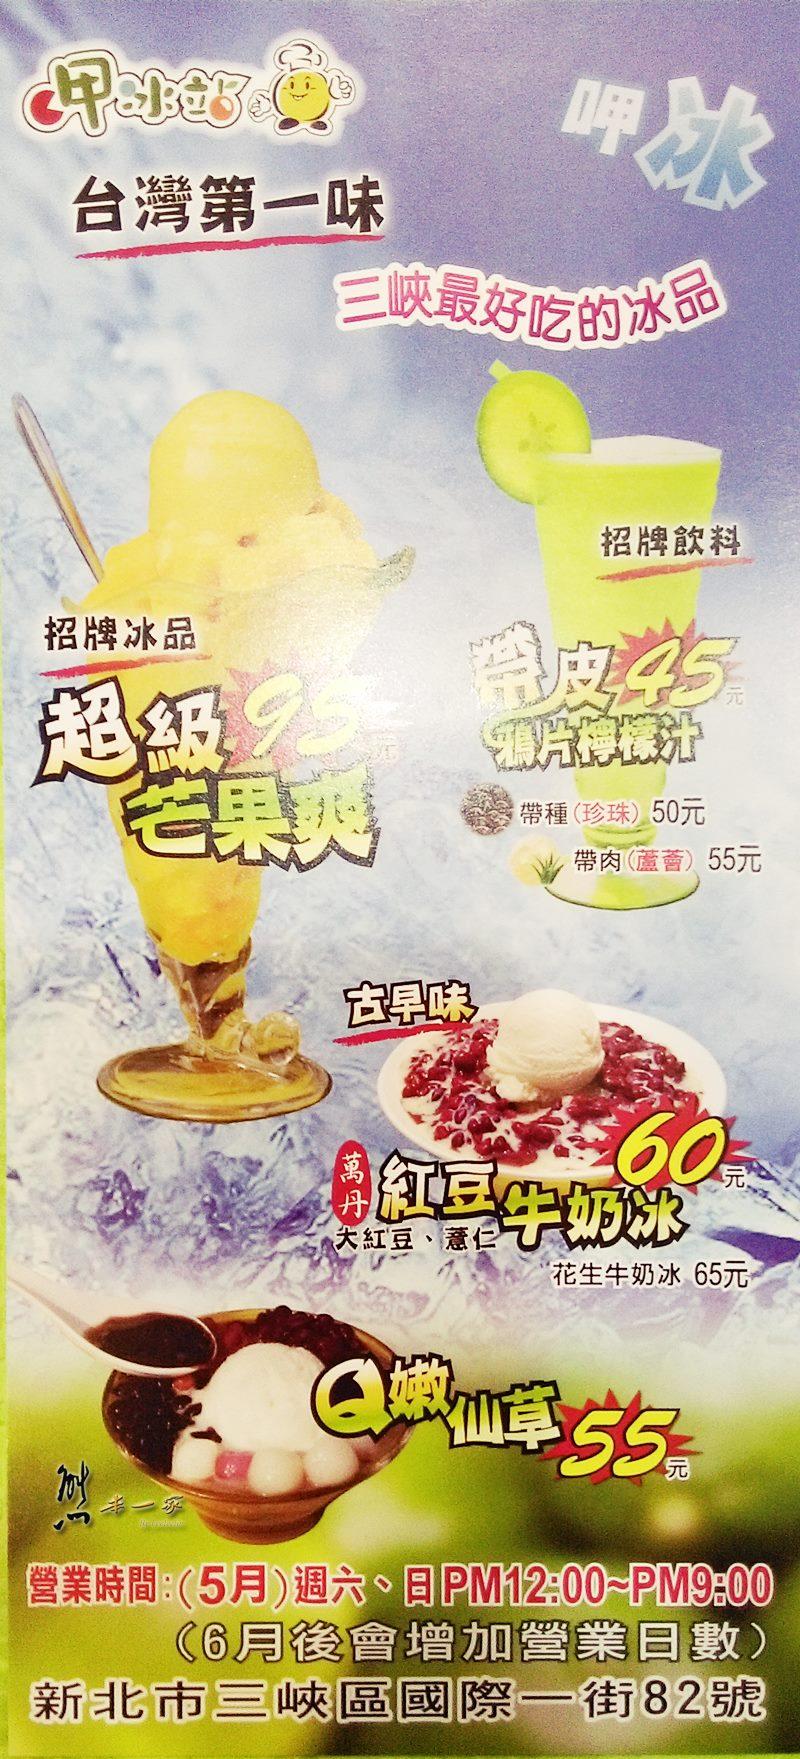 呷冰站menu菜單|三峽台北大學冰果室|放大清晰版詳細分類資訊